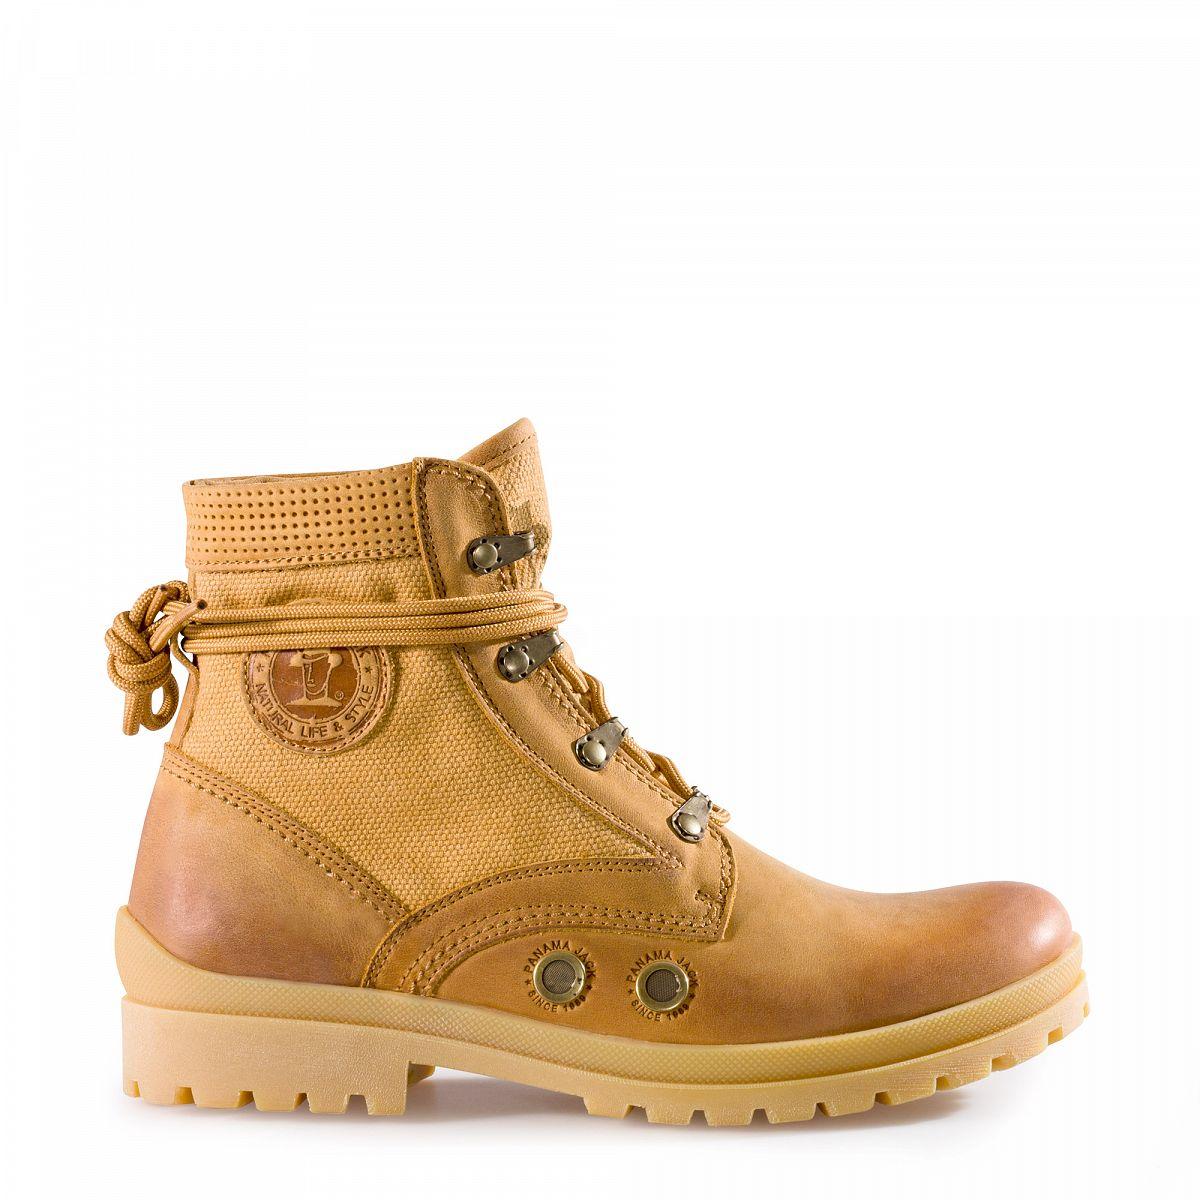 304e976d2e8ffe Damenstiefel Boot Reporter Vintage